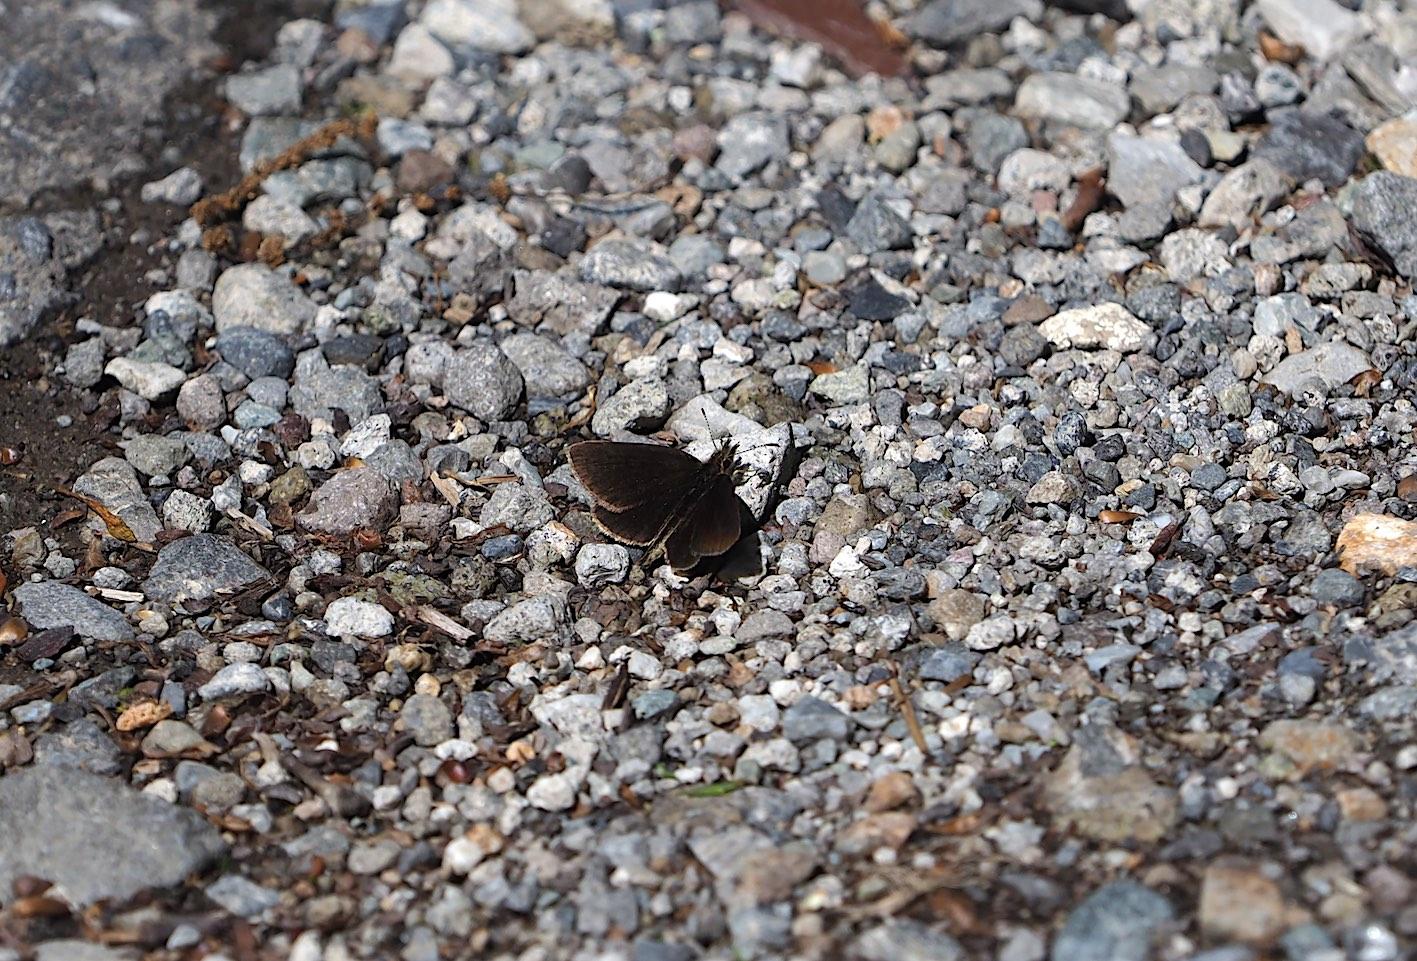 アサギマダラの卵&ミドリヒョウモンの幼虫(2019年7月1日)_d0303129_49268.jpg